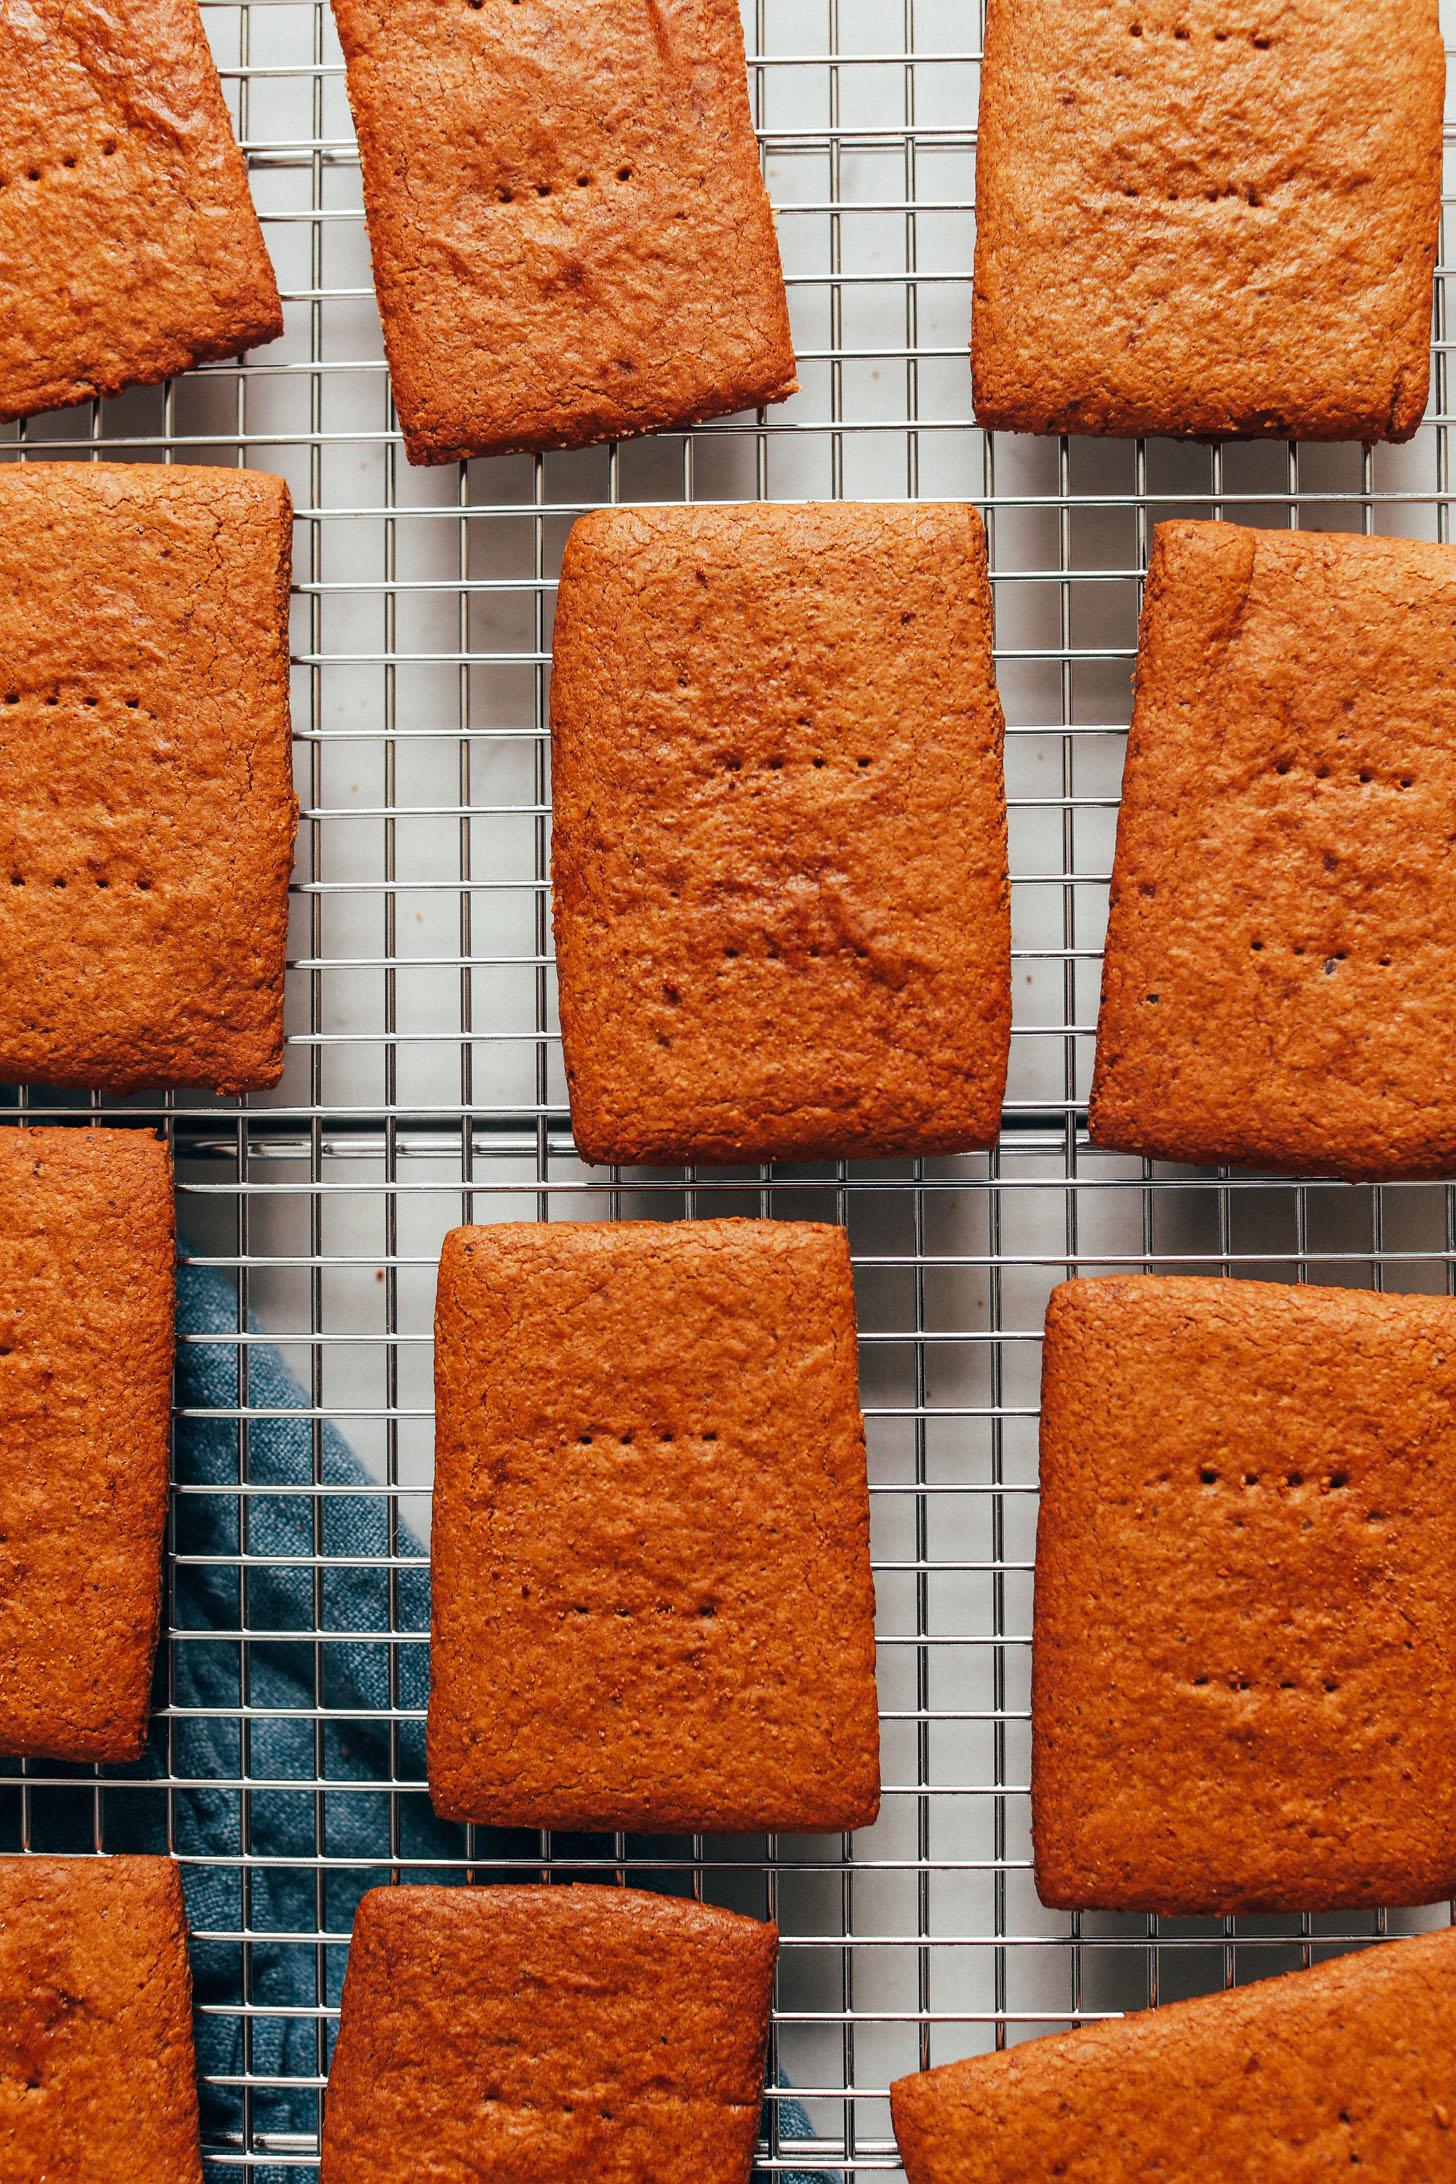 Gluténmentes graham keksz hűtő állványon